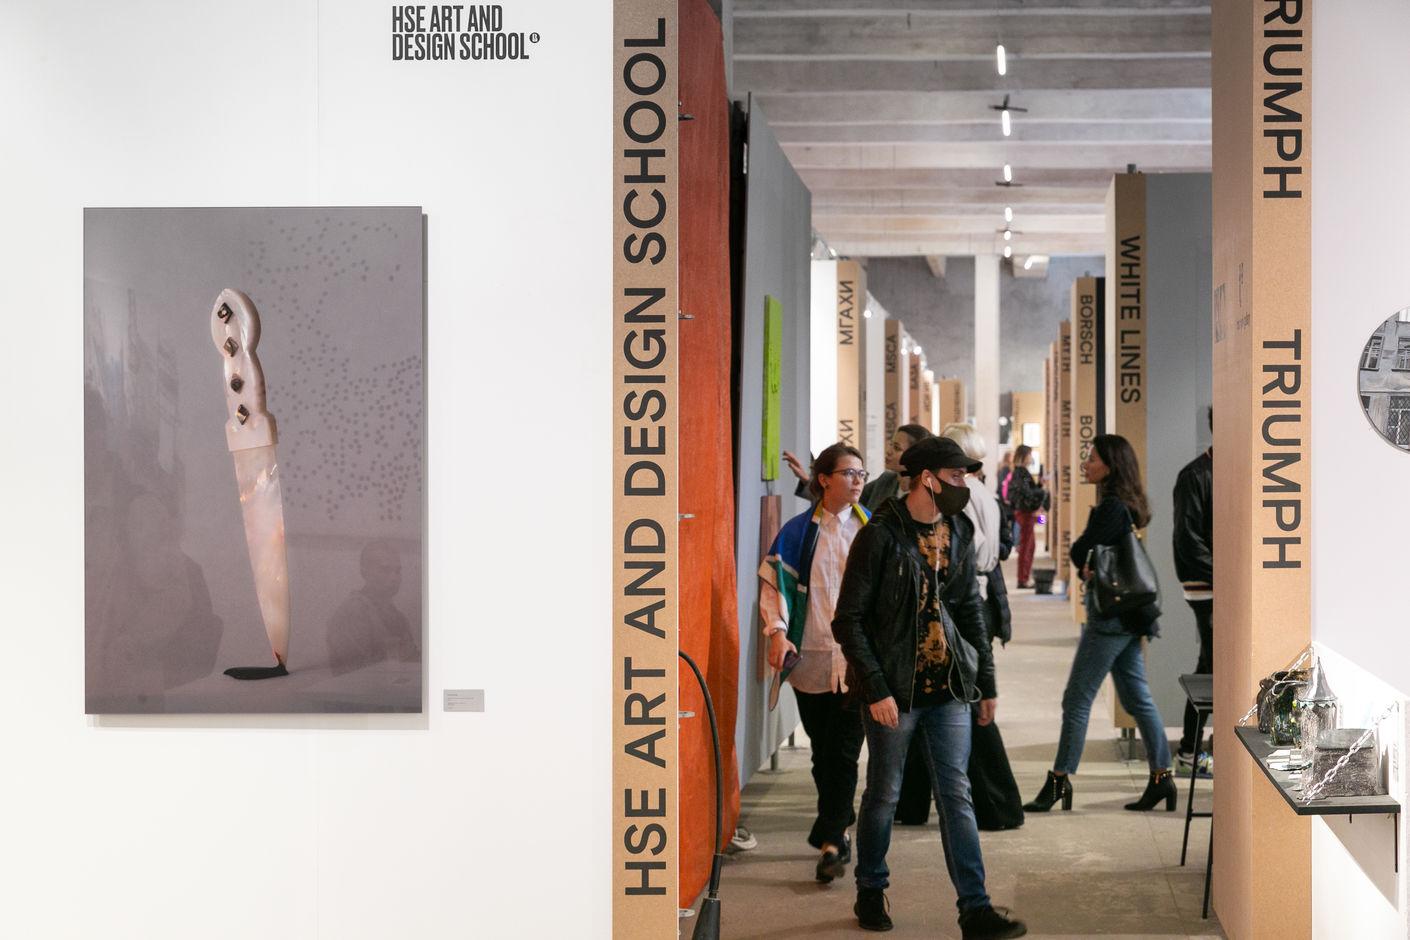 Школа дизайна на ярмарке молодого современного искусства Blazar